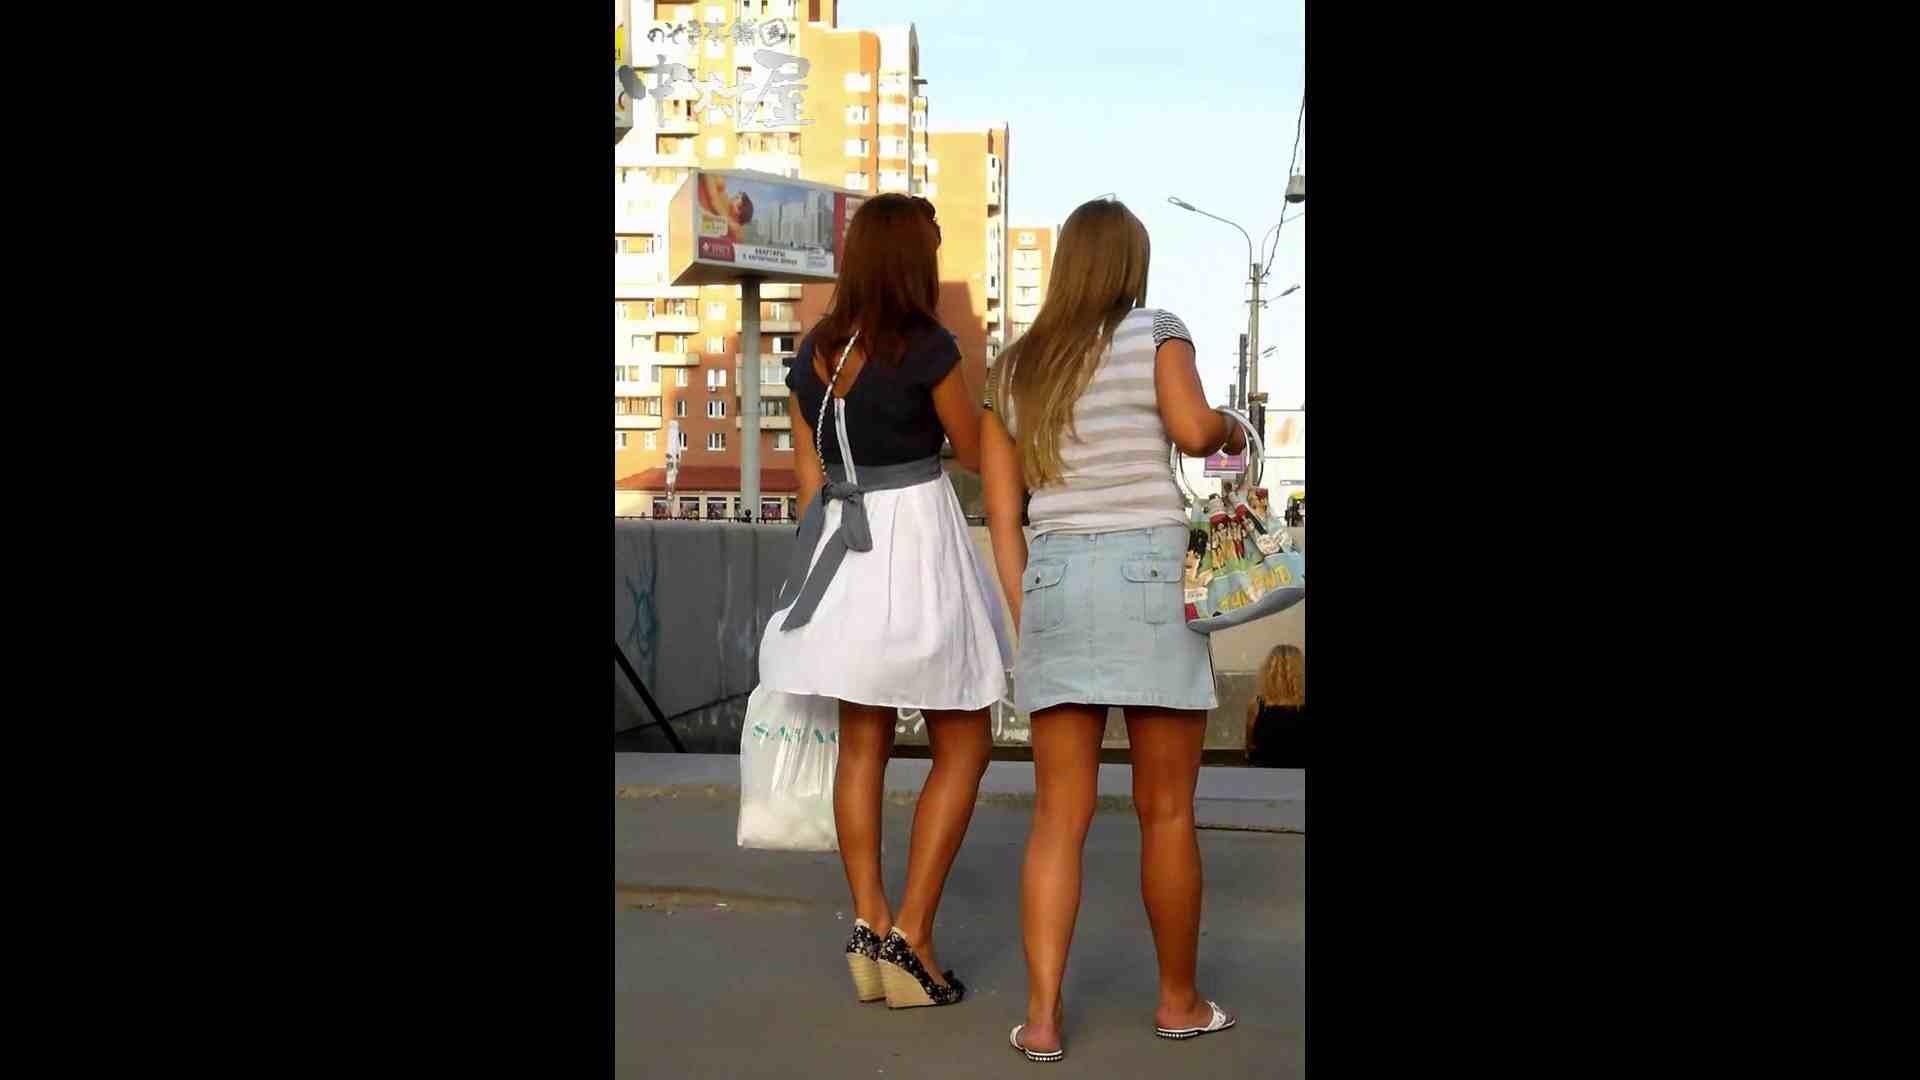 綺麗なモデルさんのスカート捲っちゃおう‼ vol23 お姉さんヌード   OLセックス  66画像 27